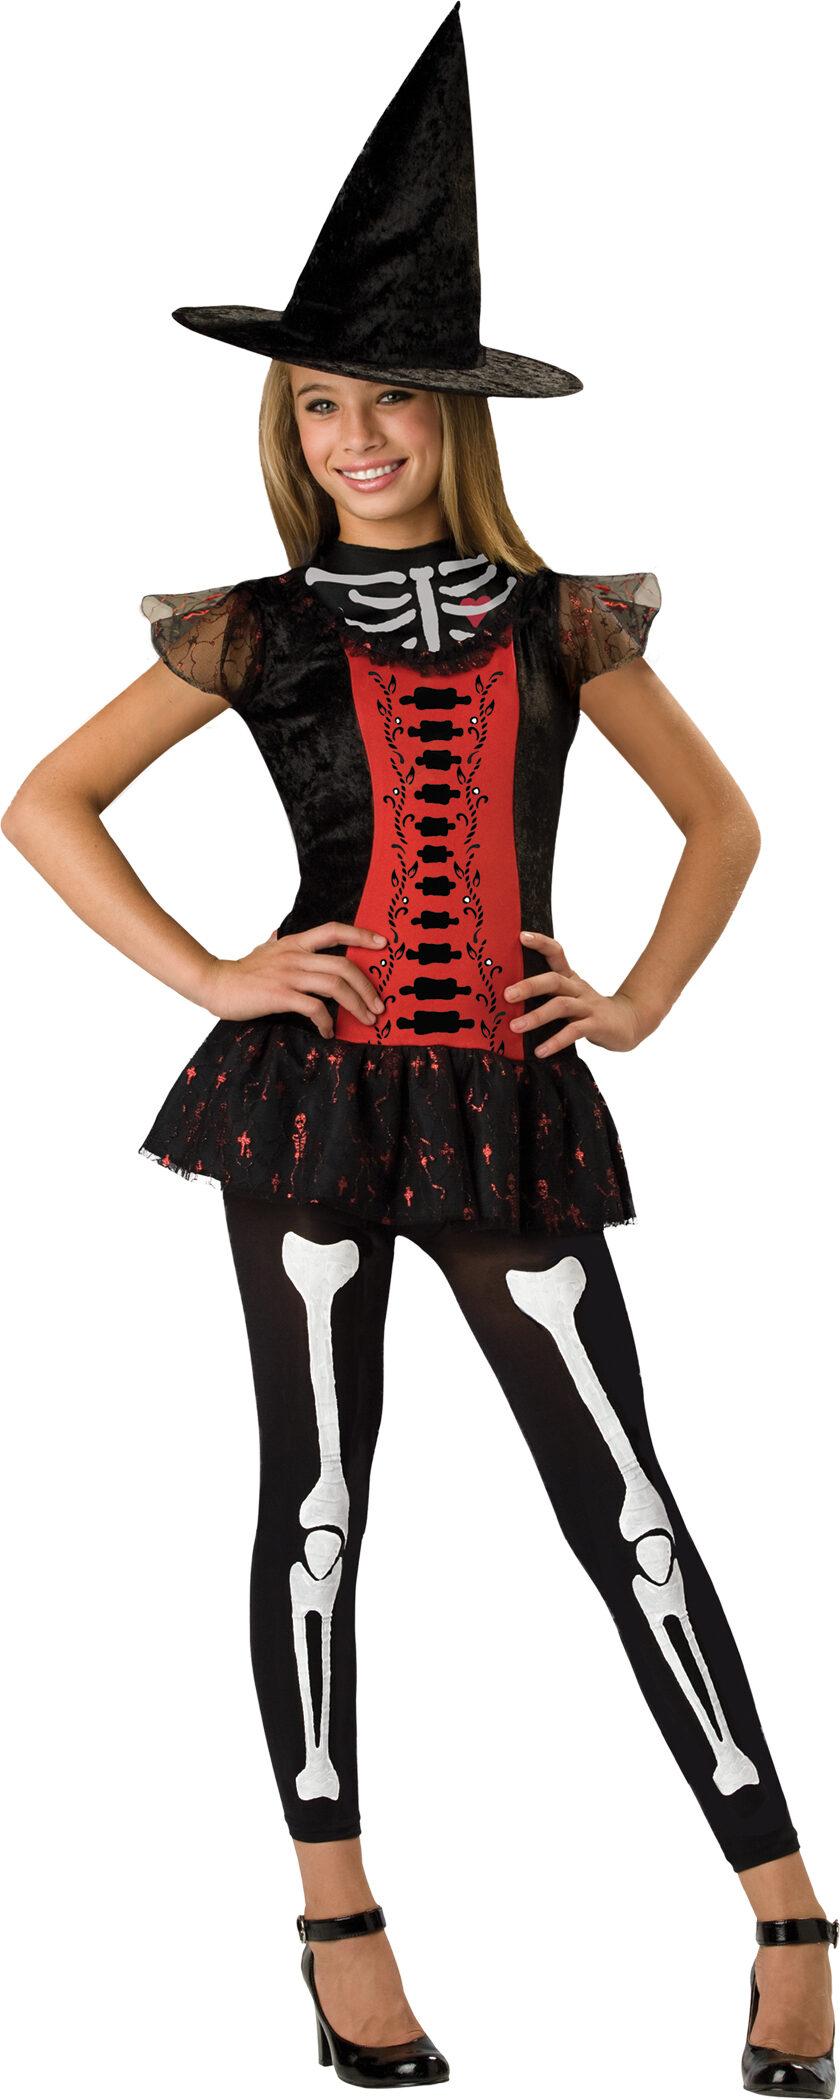 Костюм на хэллоуин для девочек подростков своими руками